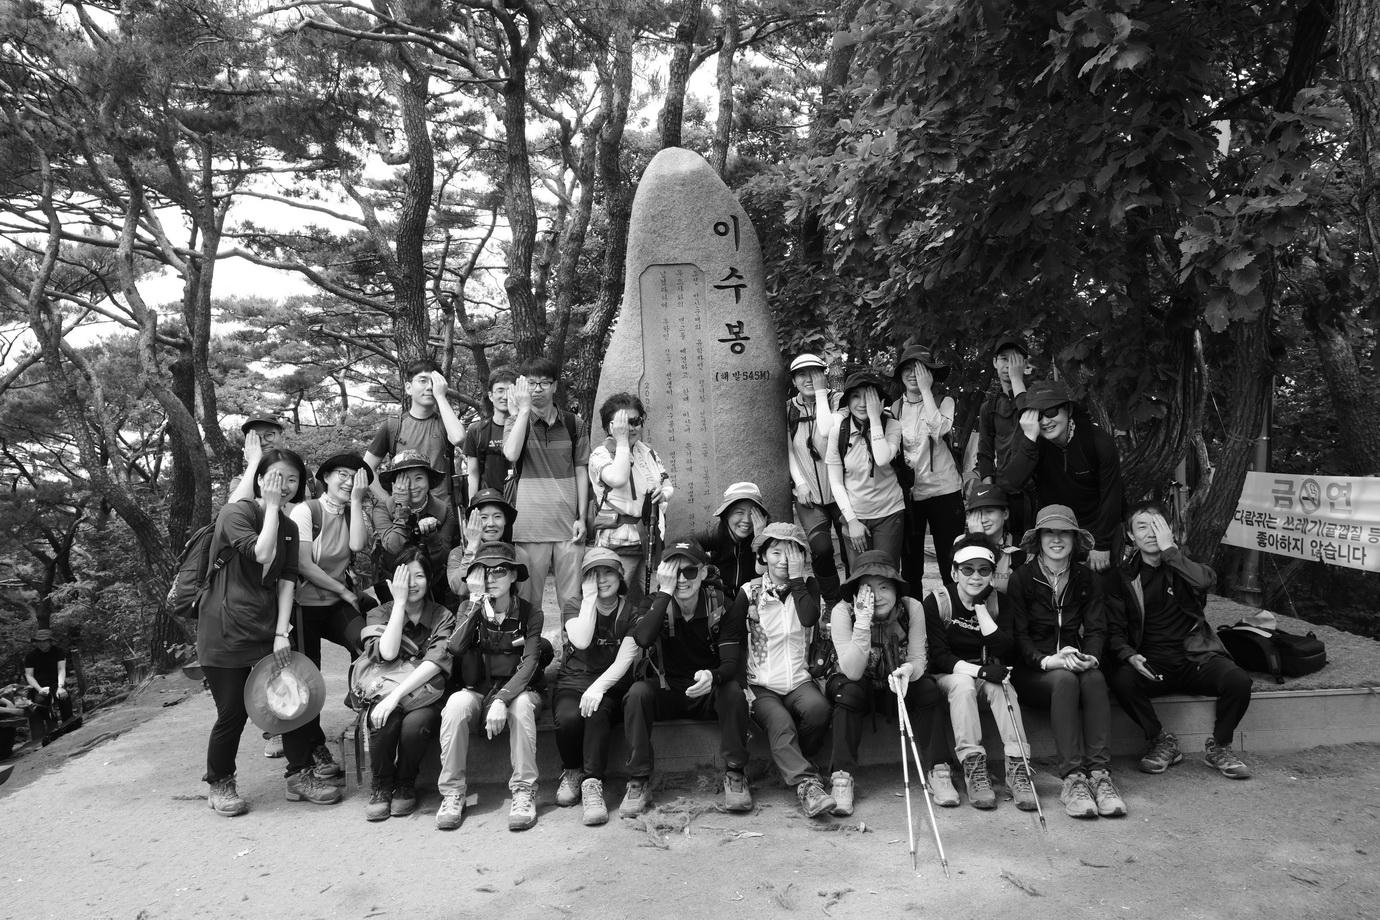 2019-06-01 12-20-방하트렉 청계산 이수봉_101_resize